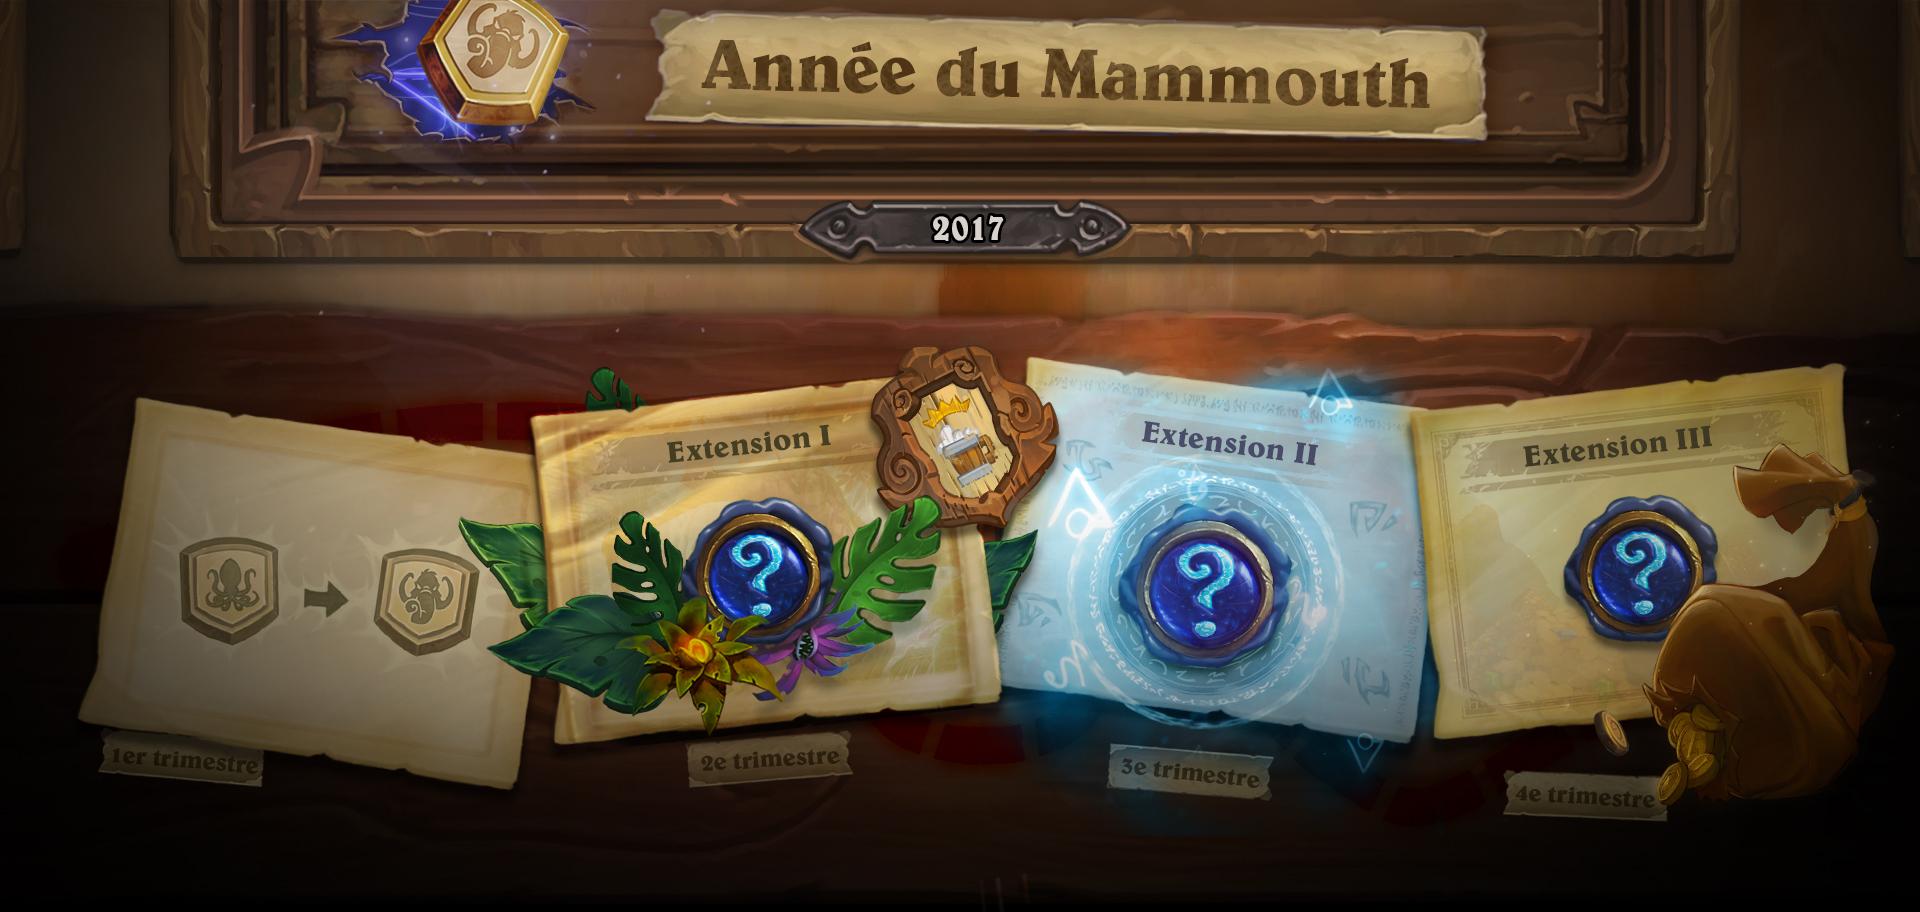 Les différentes extensions de l'année du Mammouth